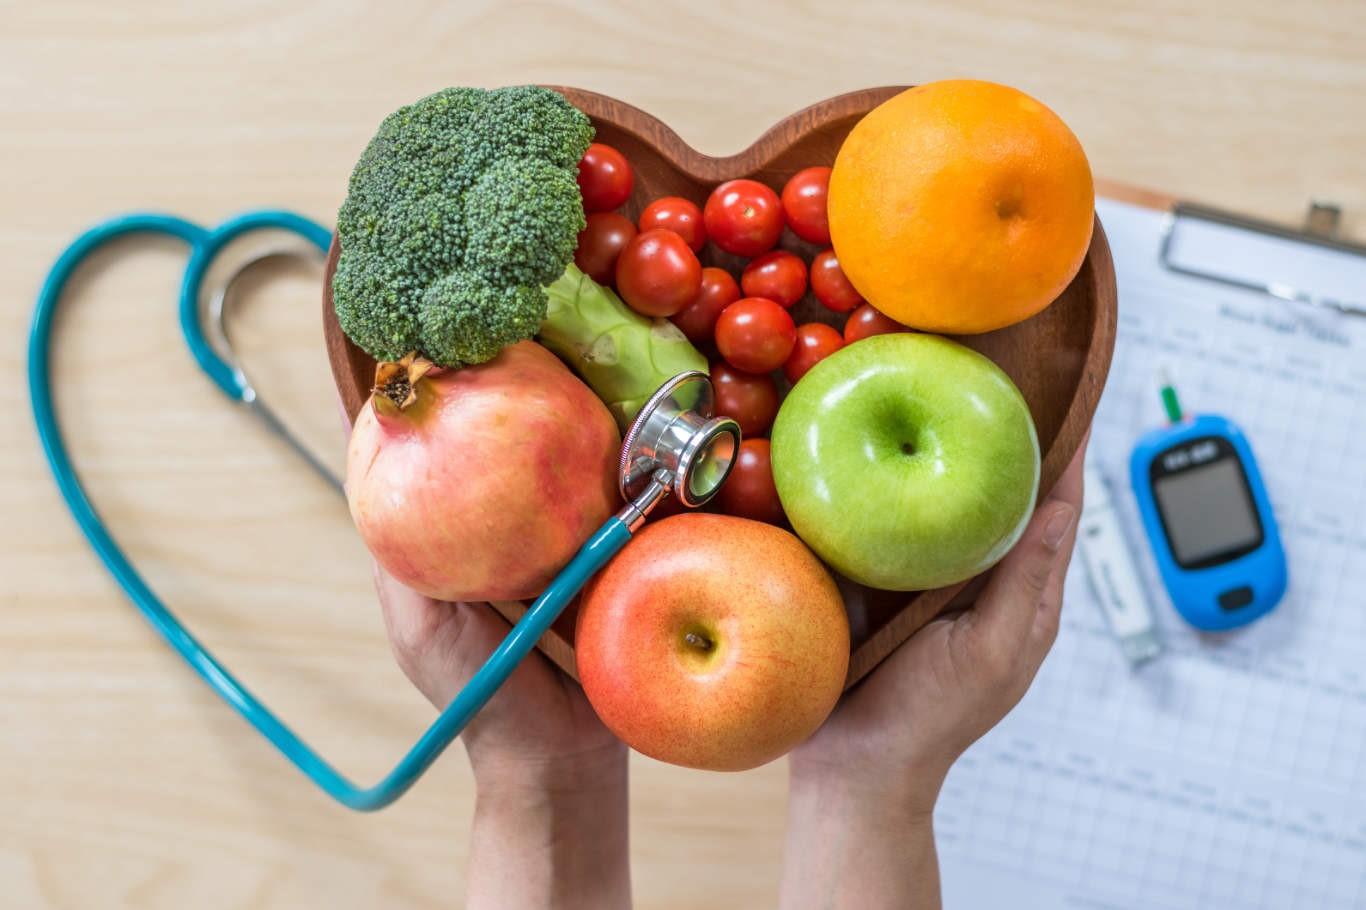 آیا افراد دیابتی نیاز به مصرف مواد غذایی بیشتری دارند؟